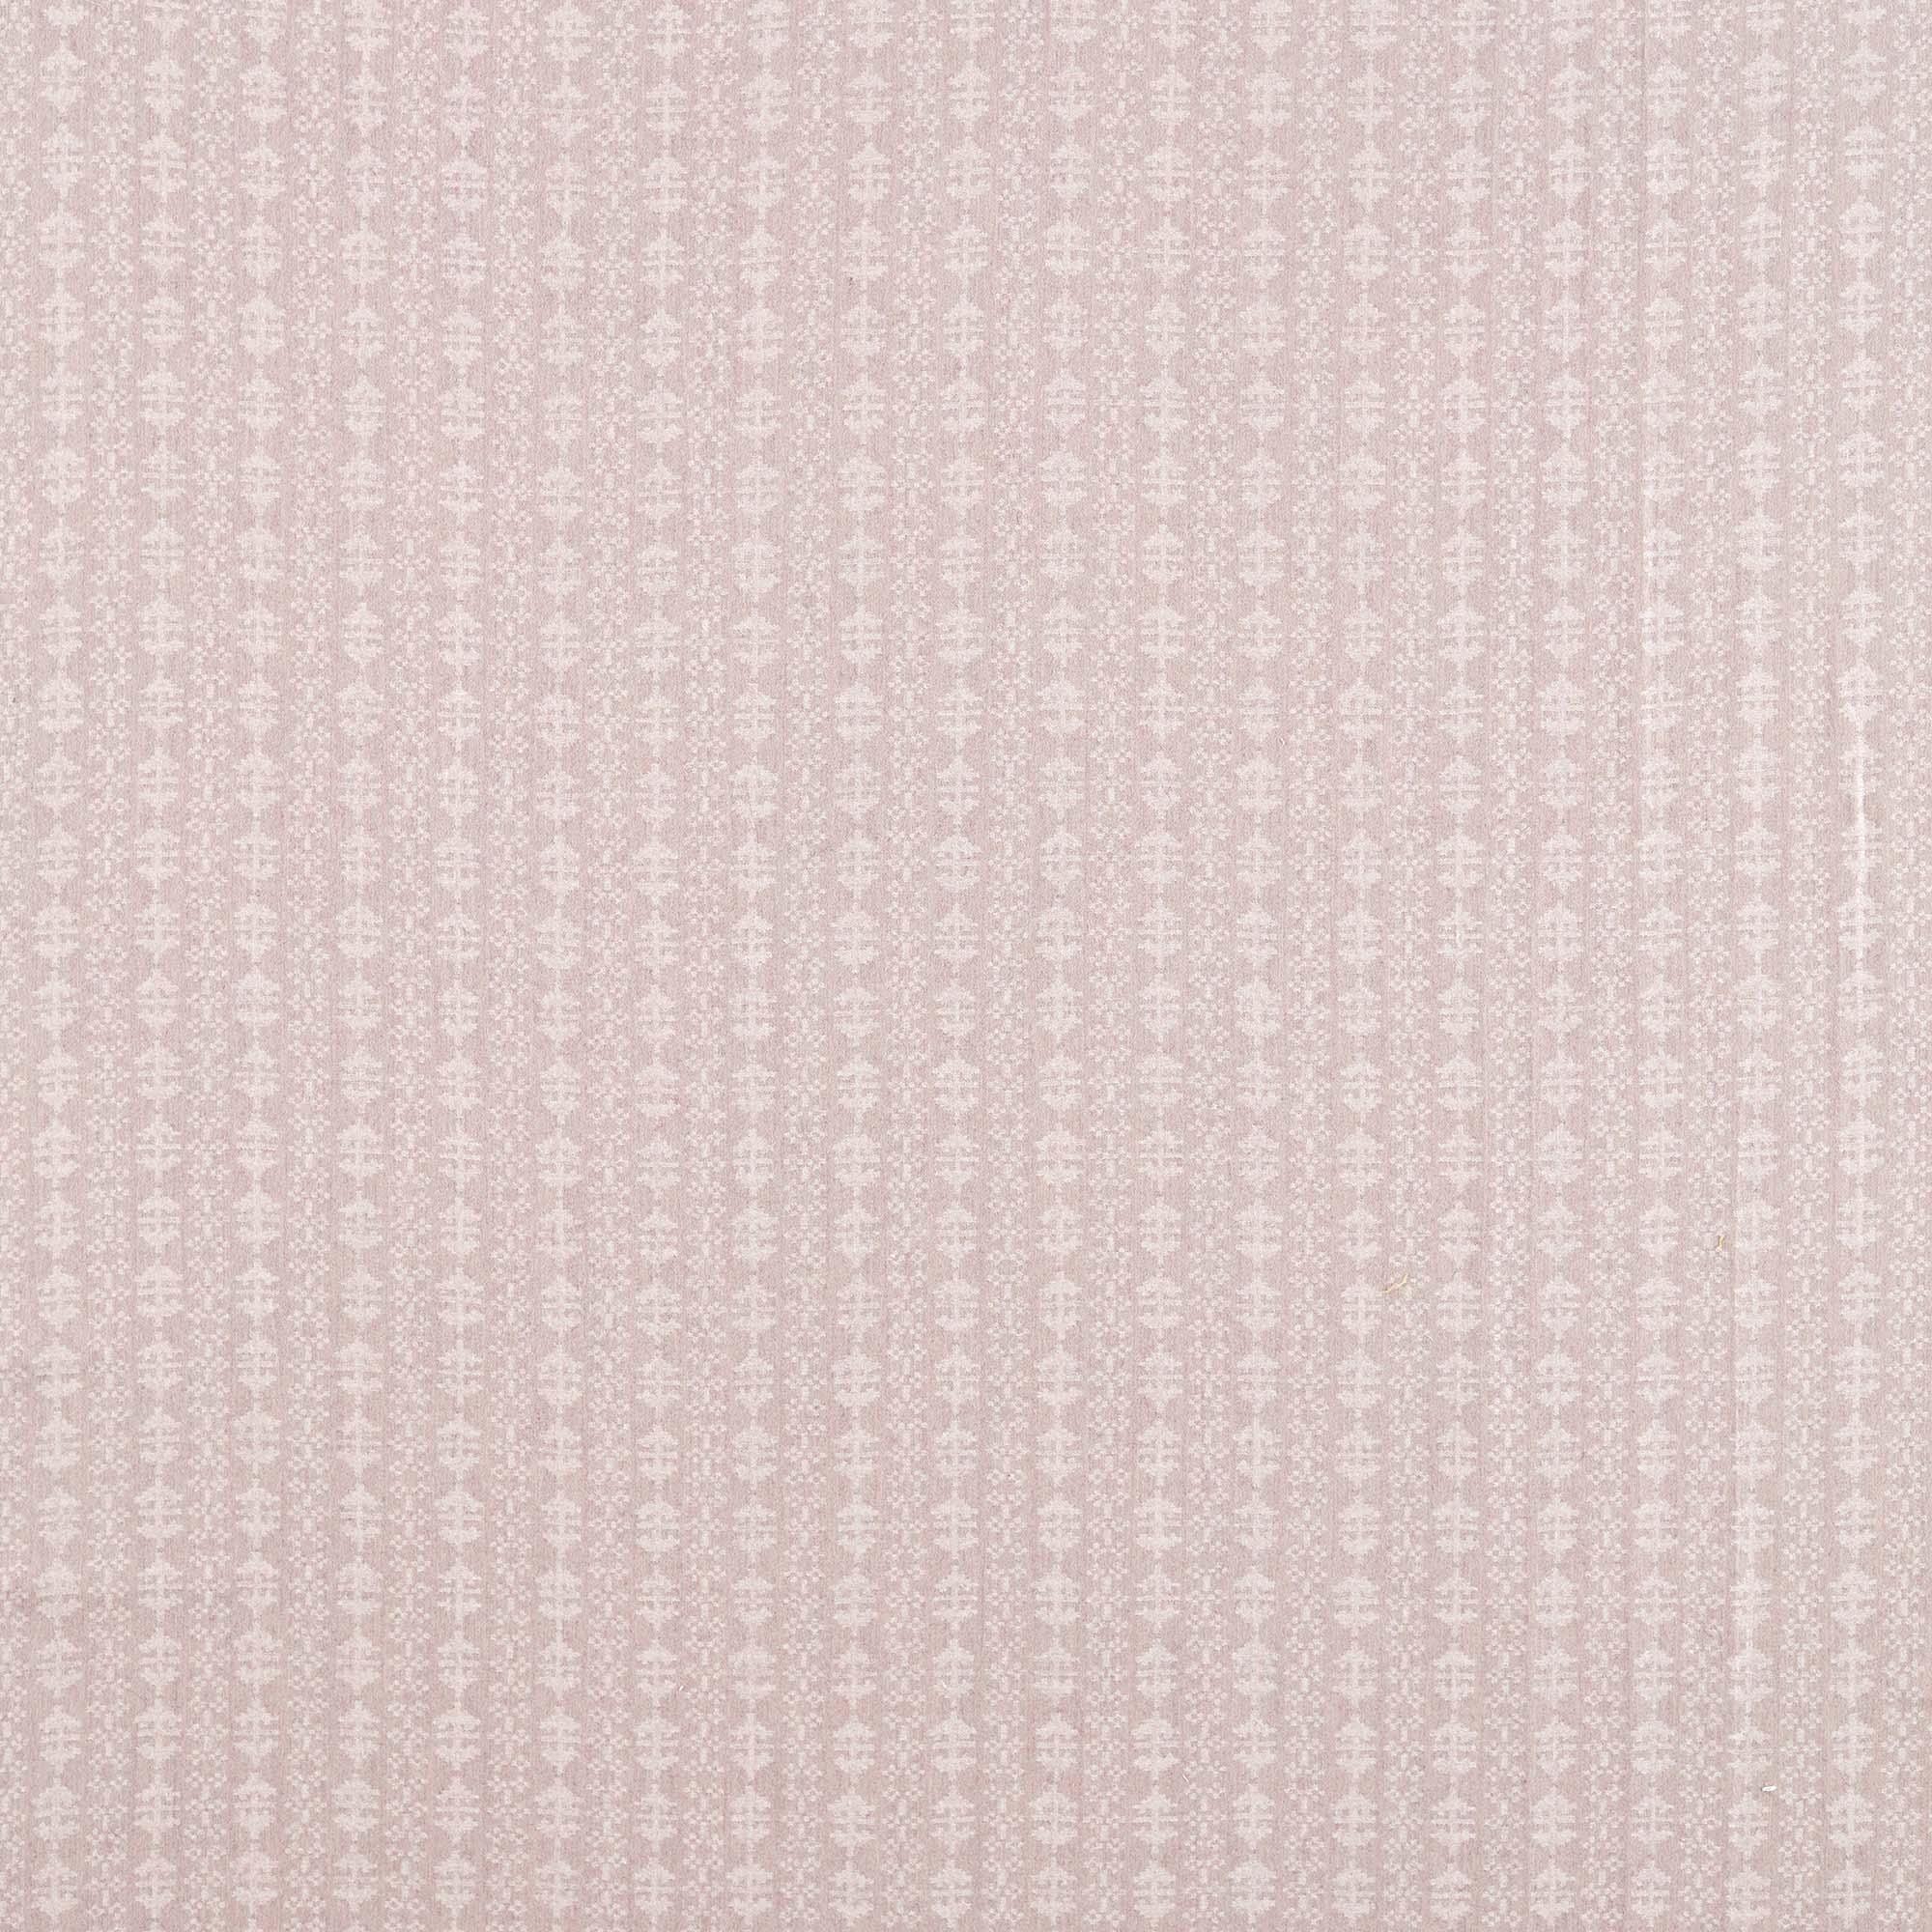 ウィリアムモリス生地 Pure Fota Wool 236610